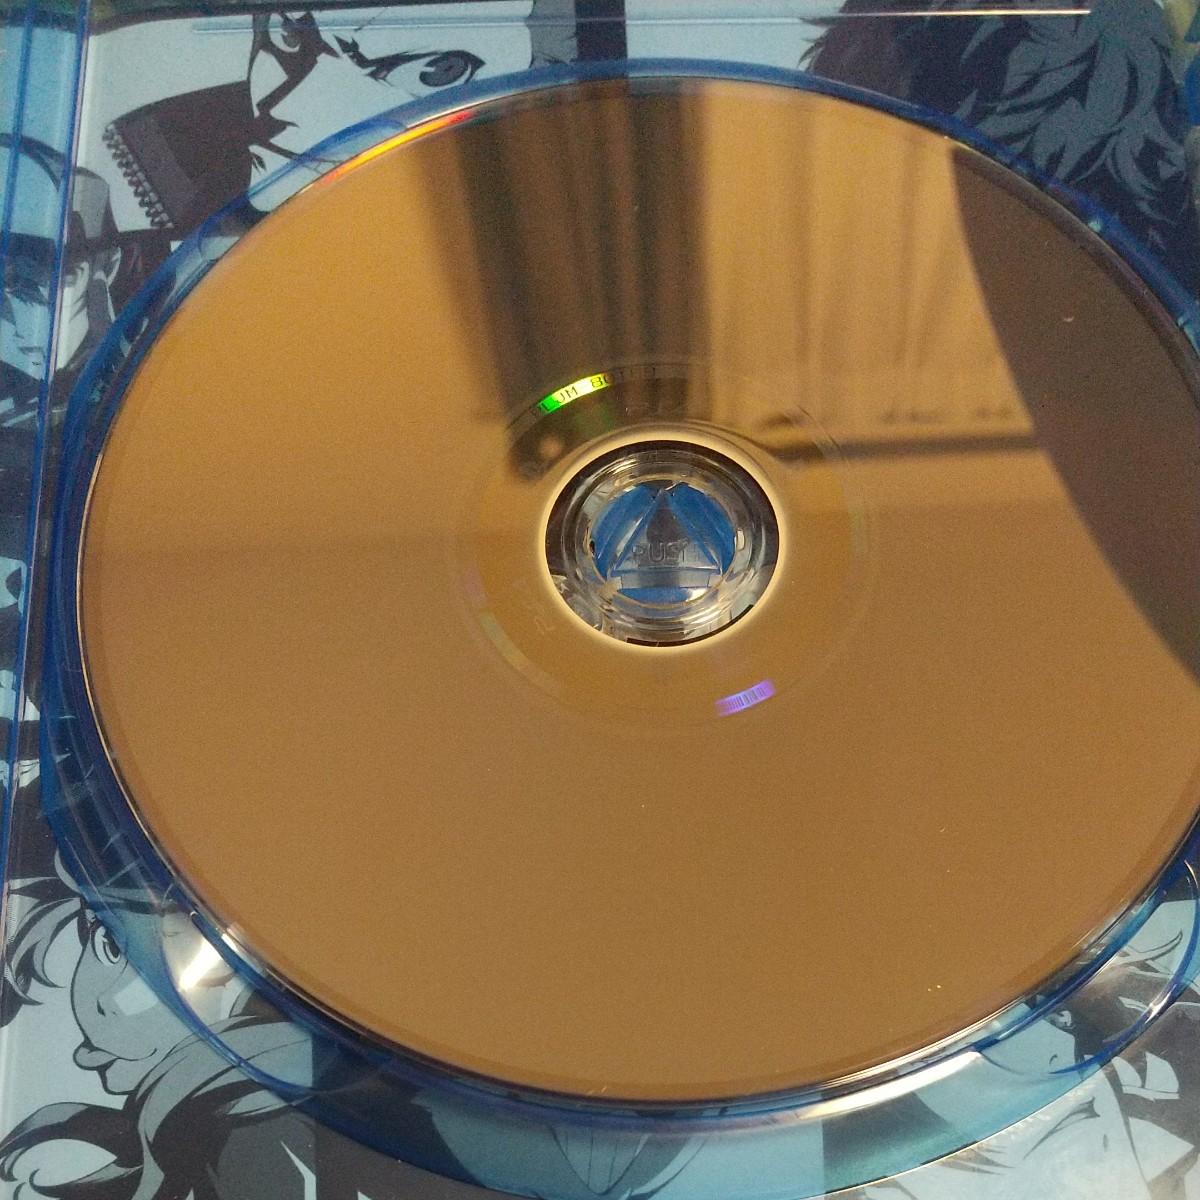 ペルソナ5 PS4